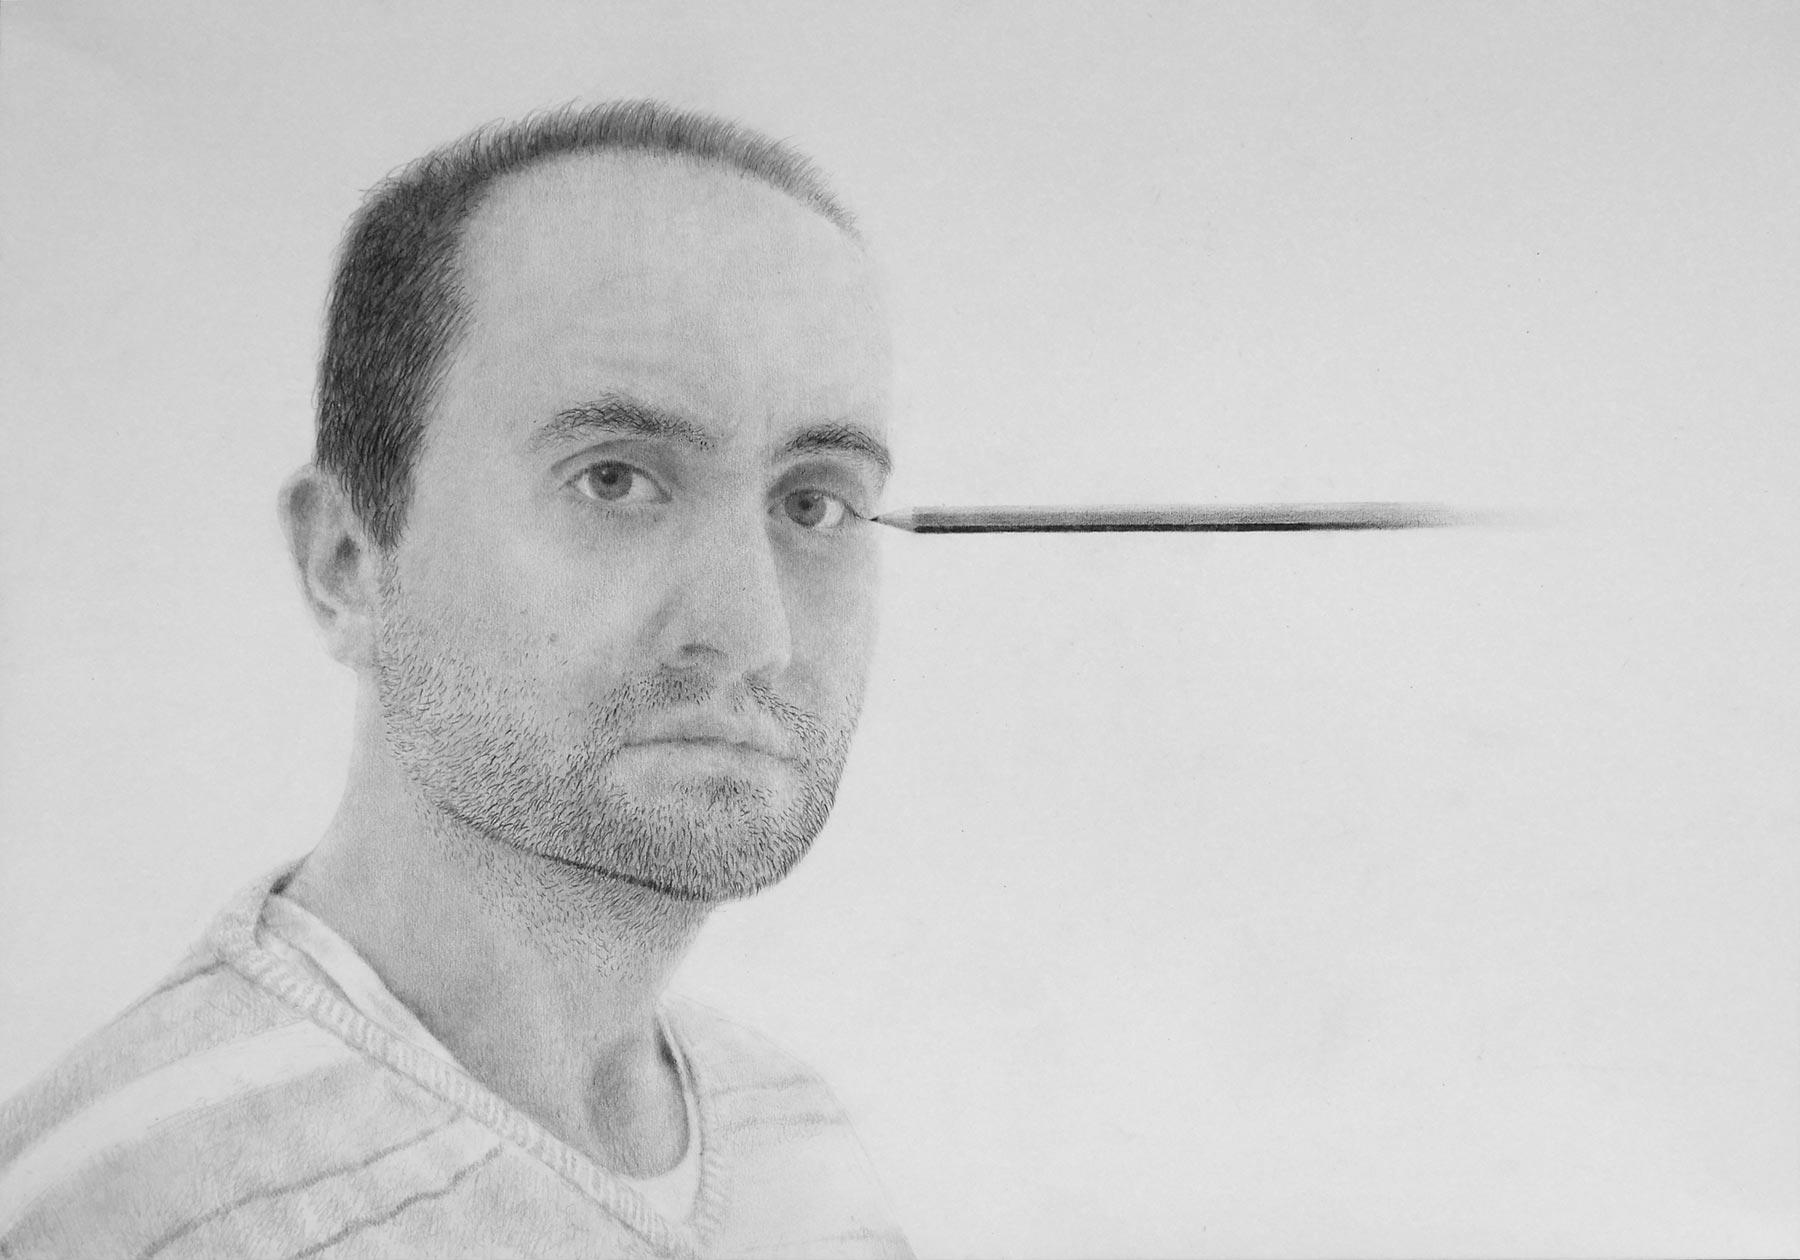 Addio a Massimiliano Galliani, scompare a soli 37 anni il pittore e disegnatore